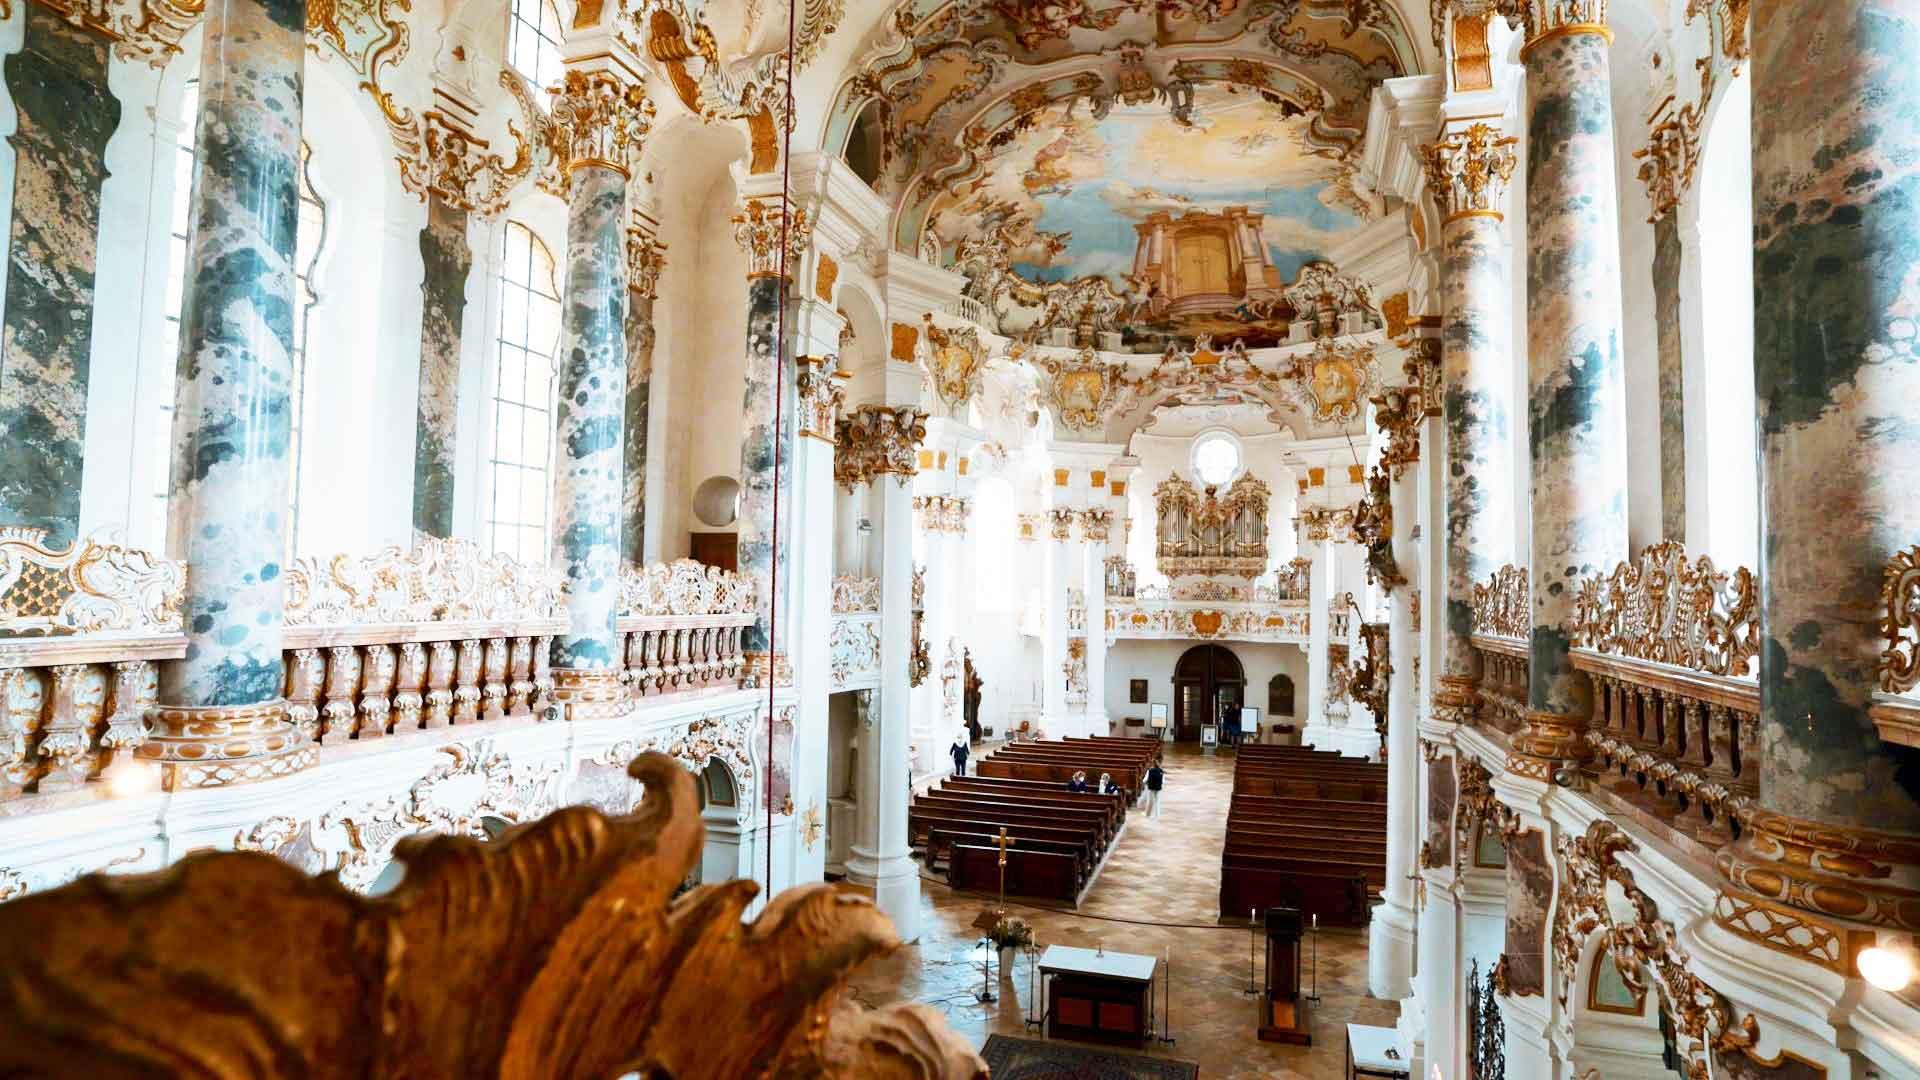 Pontifikalamt aus der Wieskirch mit Bischof Bertram Meier